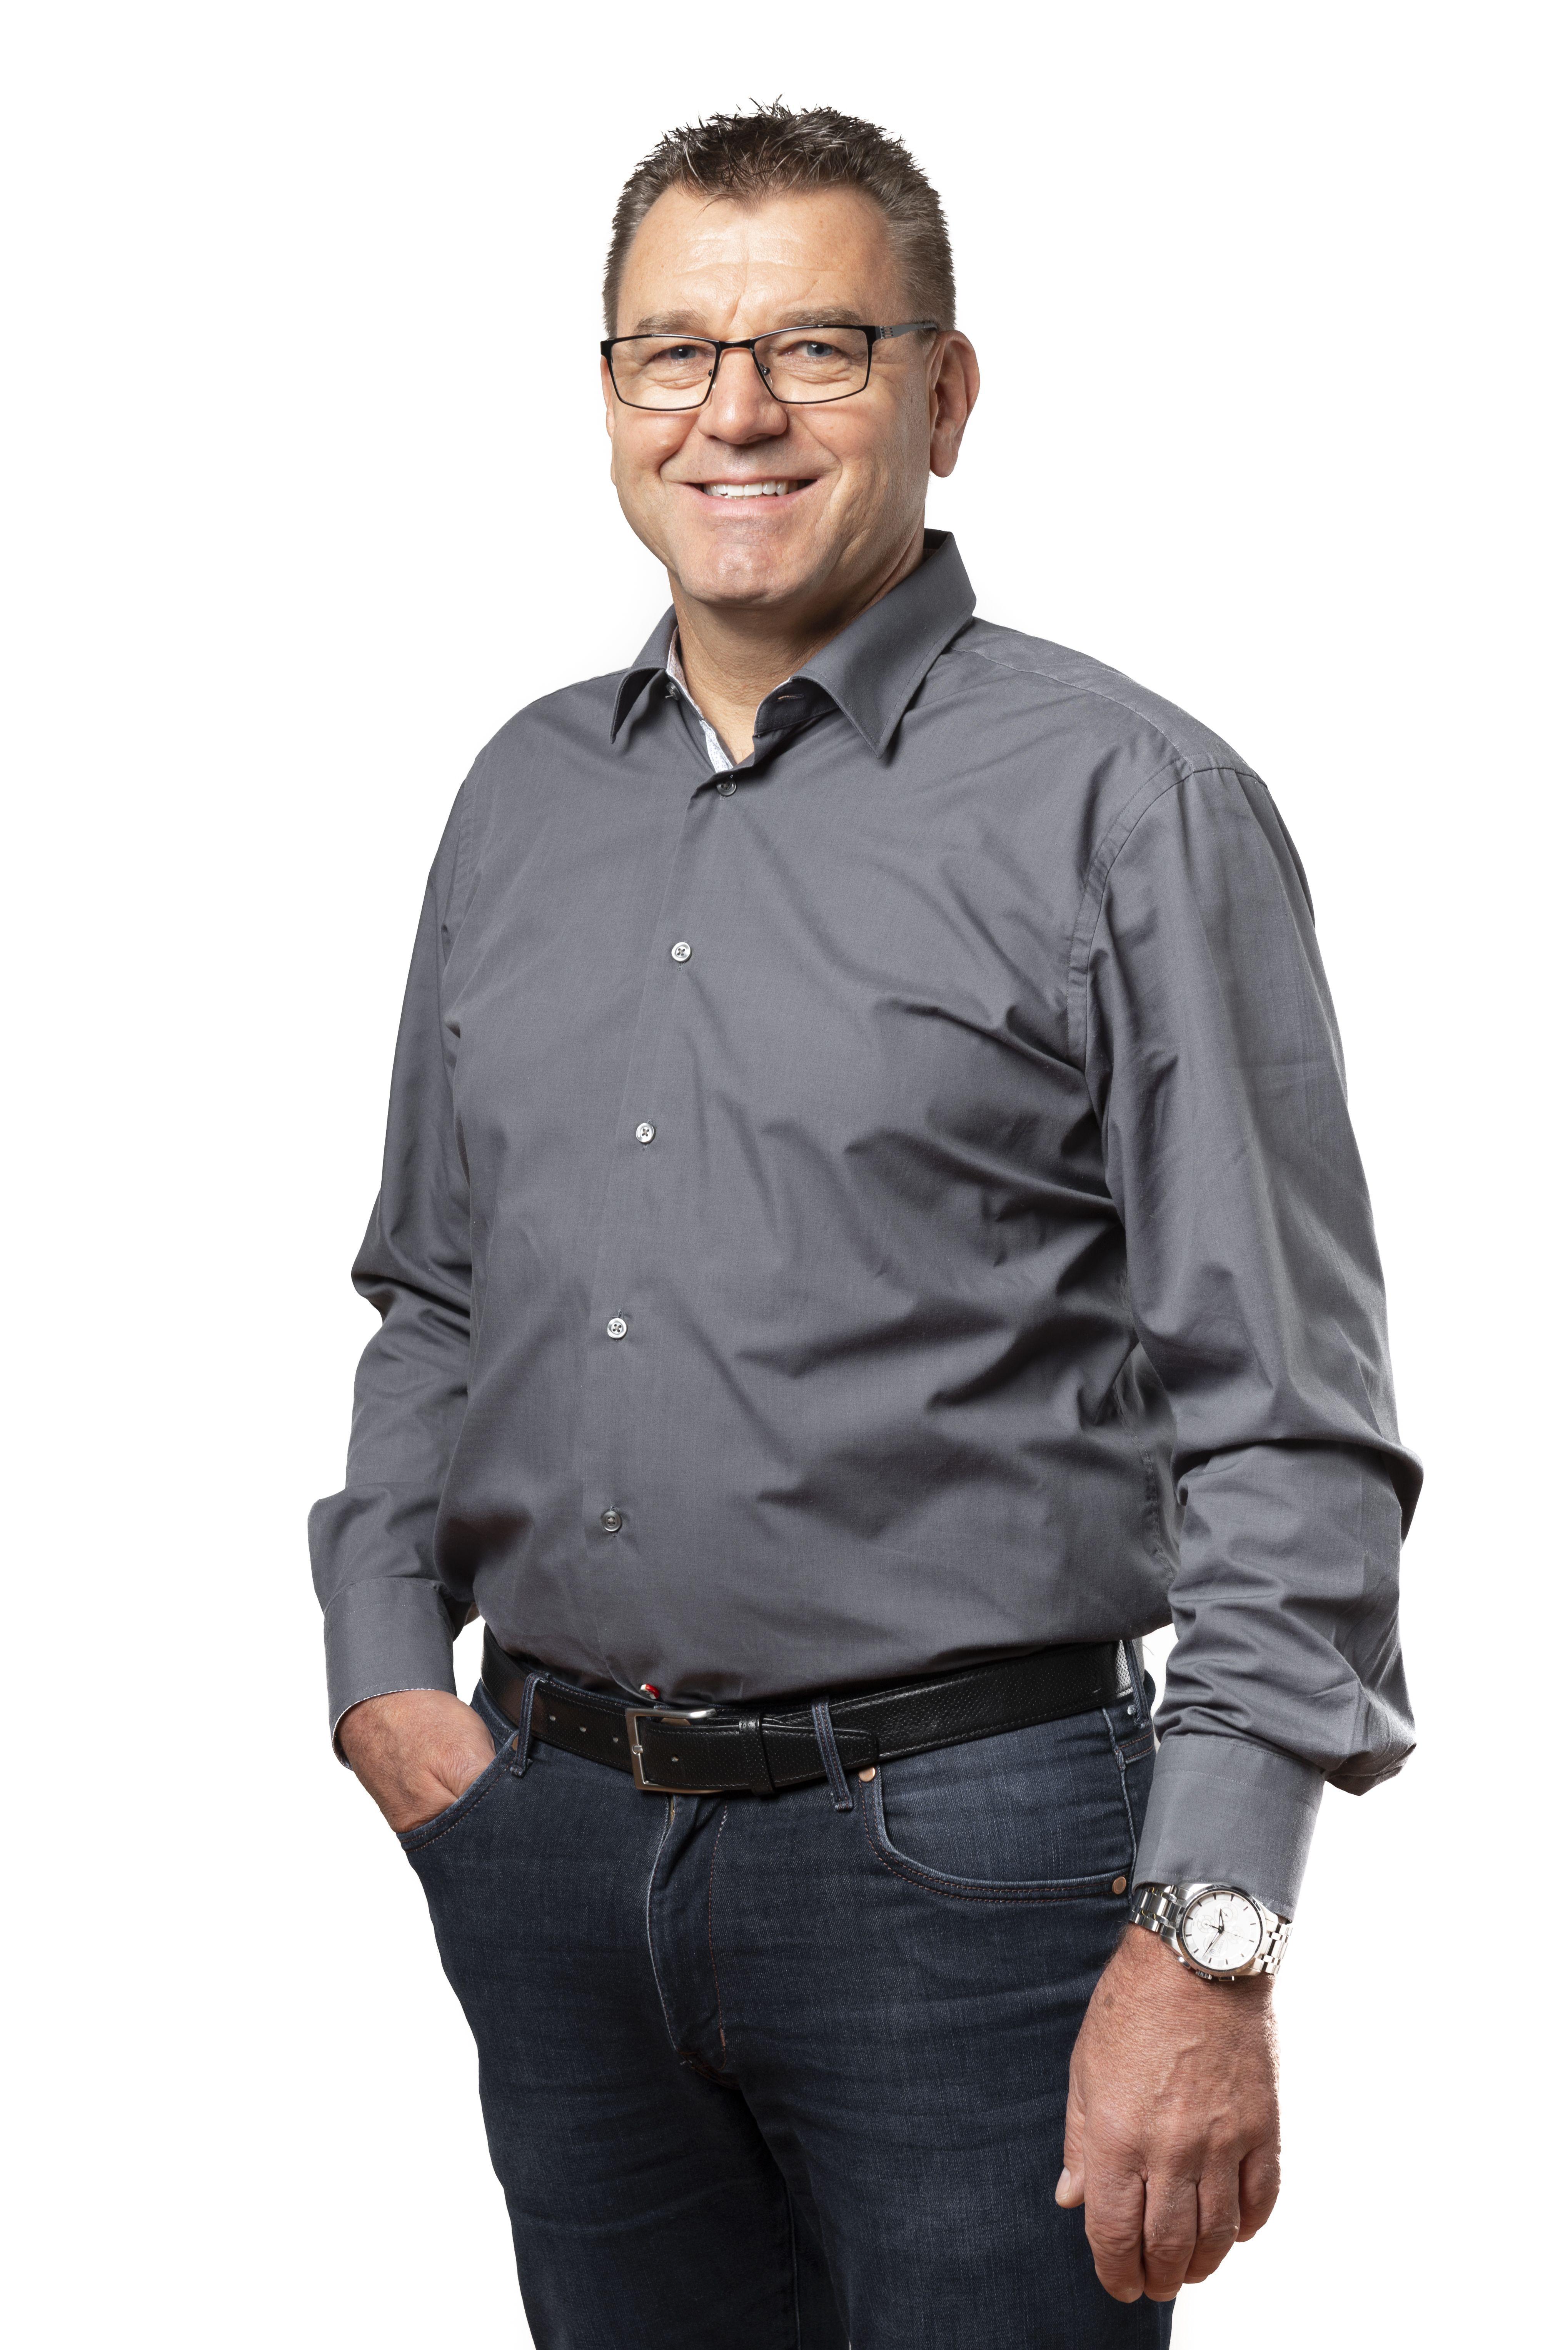 Daniel Zuercher